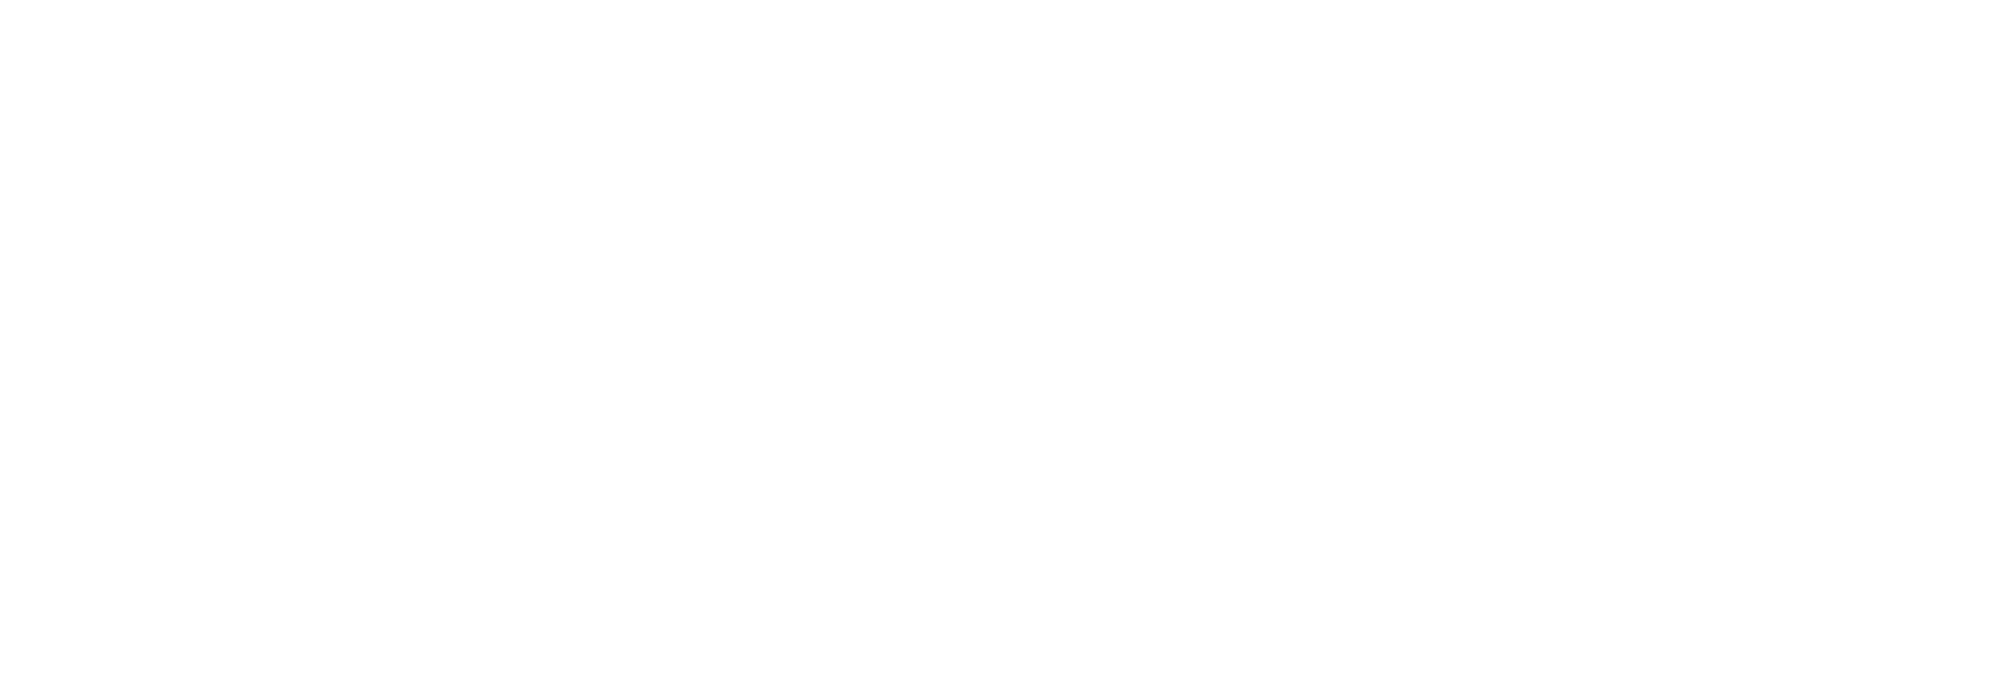 Copy-of-Logo2500-px-logo-transparent-white